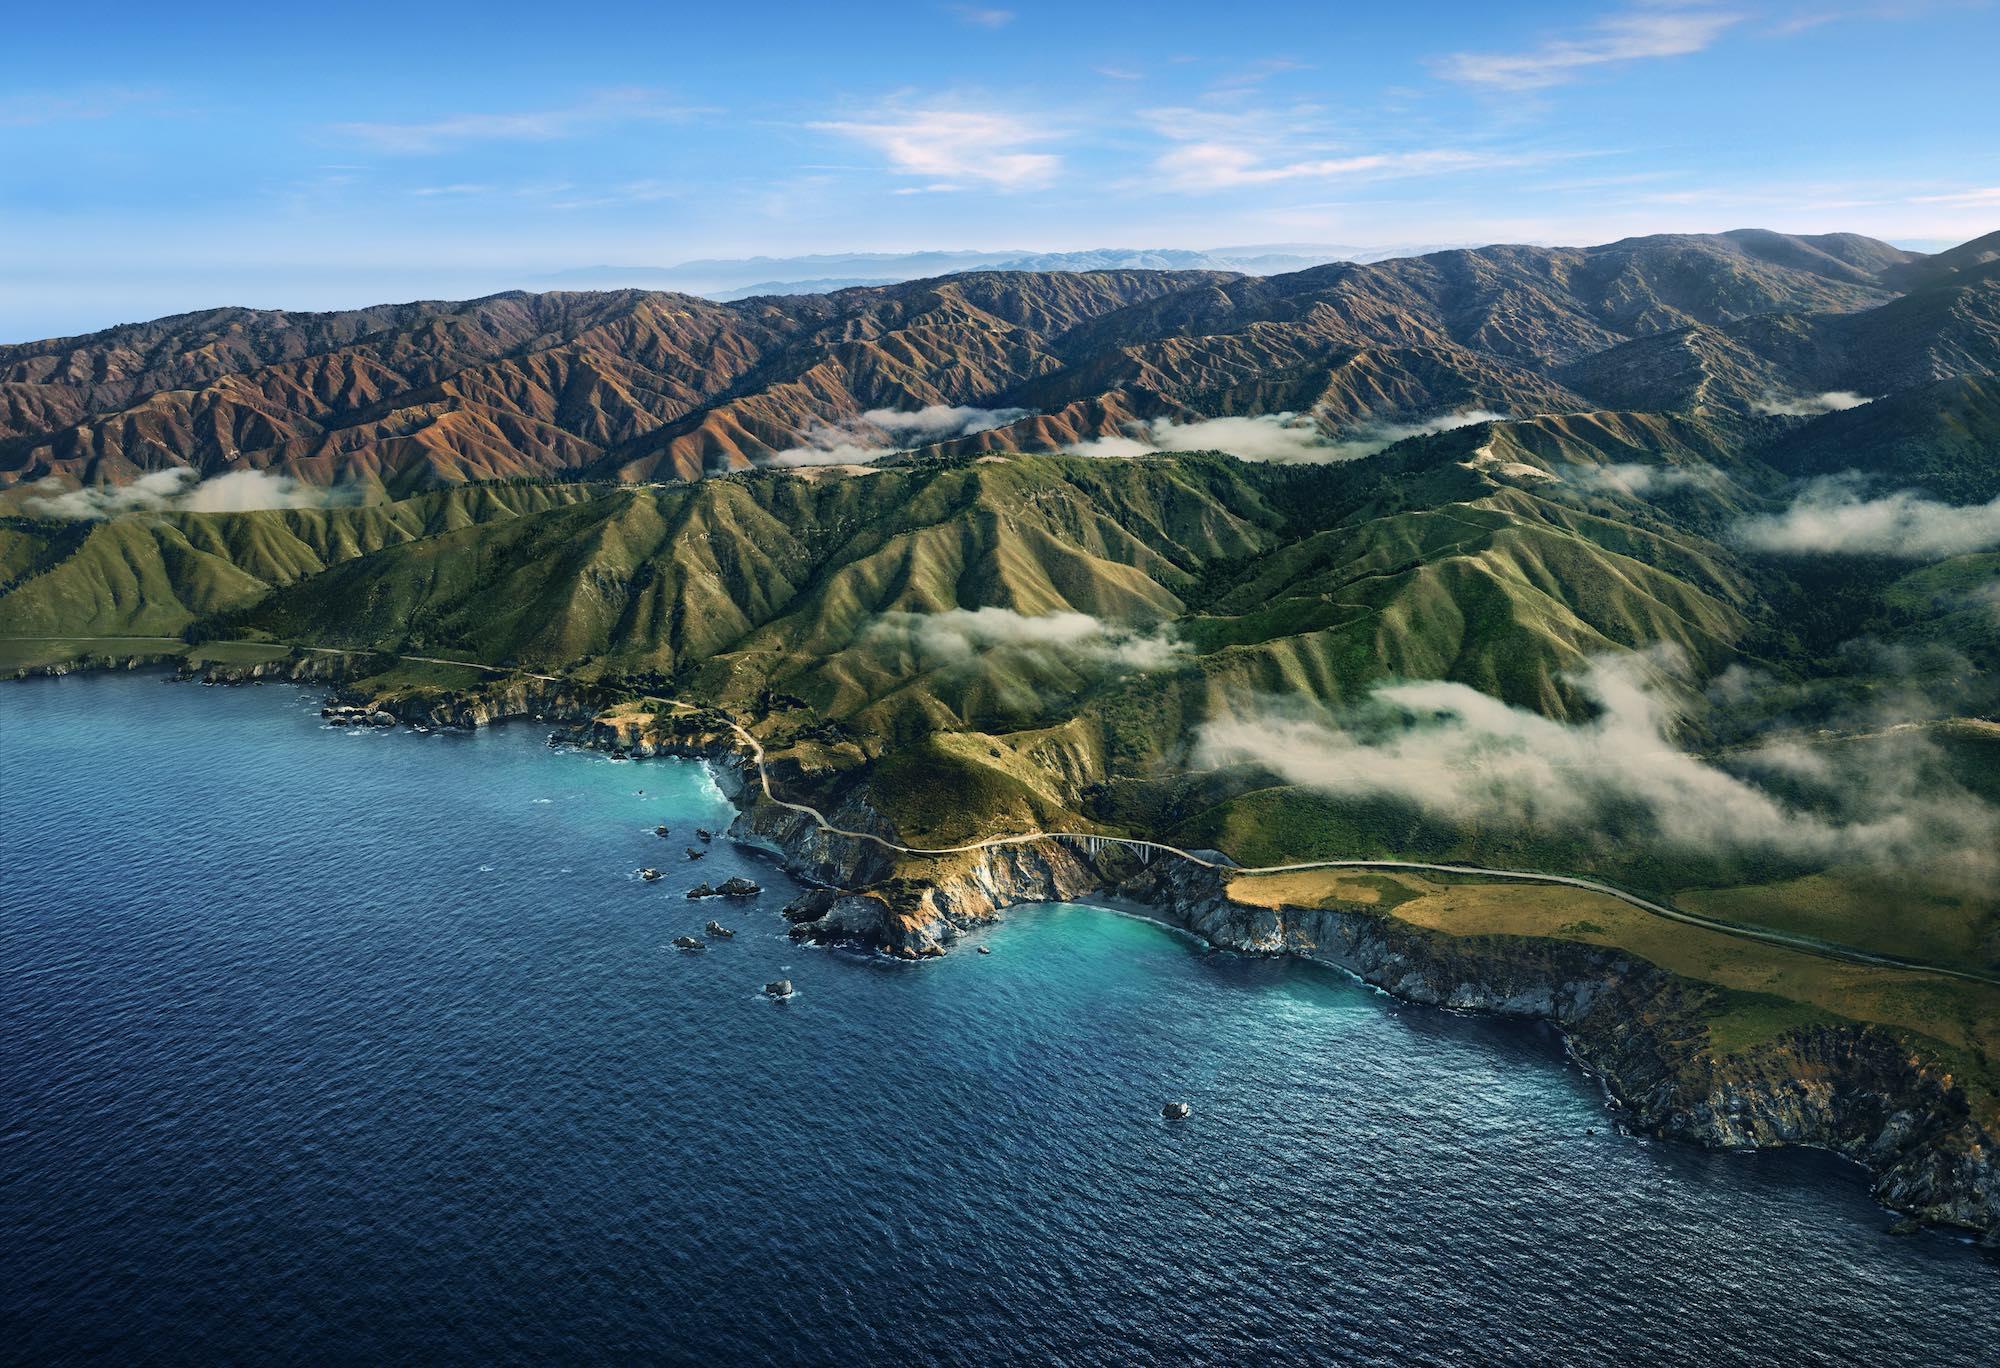 Az új MacOS 11 névadó helyszíne: Big Sur, Kalifornia, USA